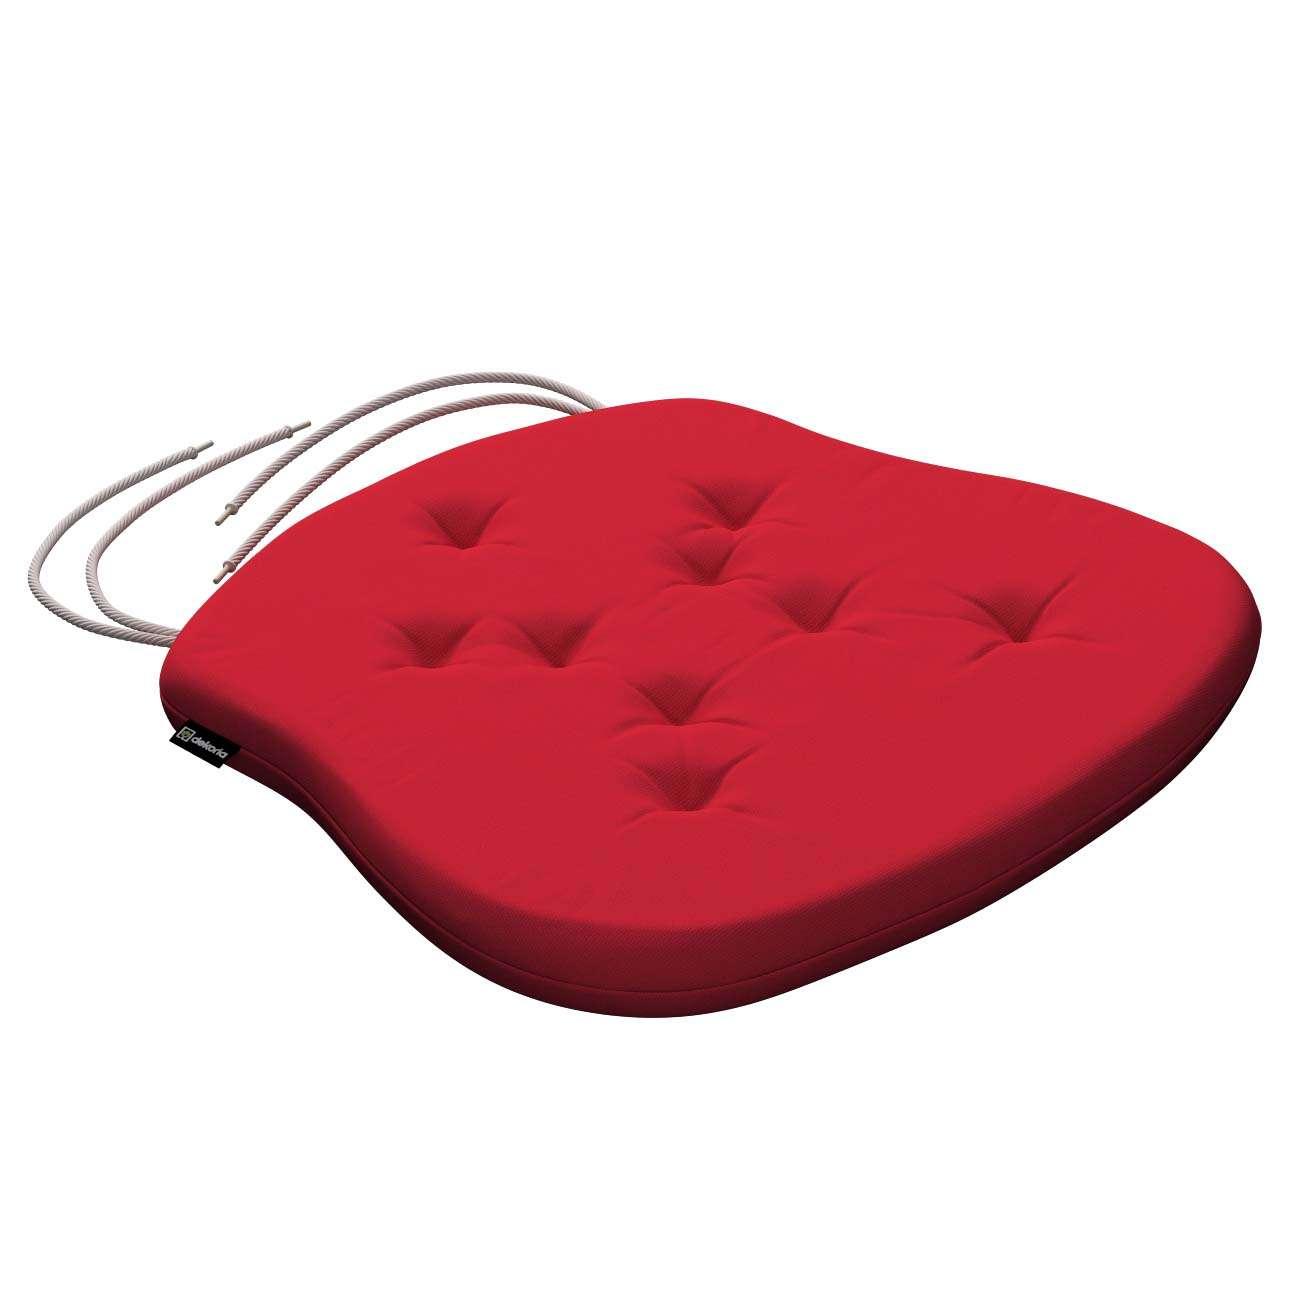 Siedzisko Filip na krzesło 41x38x3,5 cm w kolekcji Cotton Panama, tkanina: 702-04